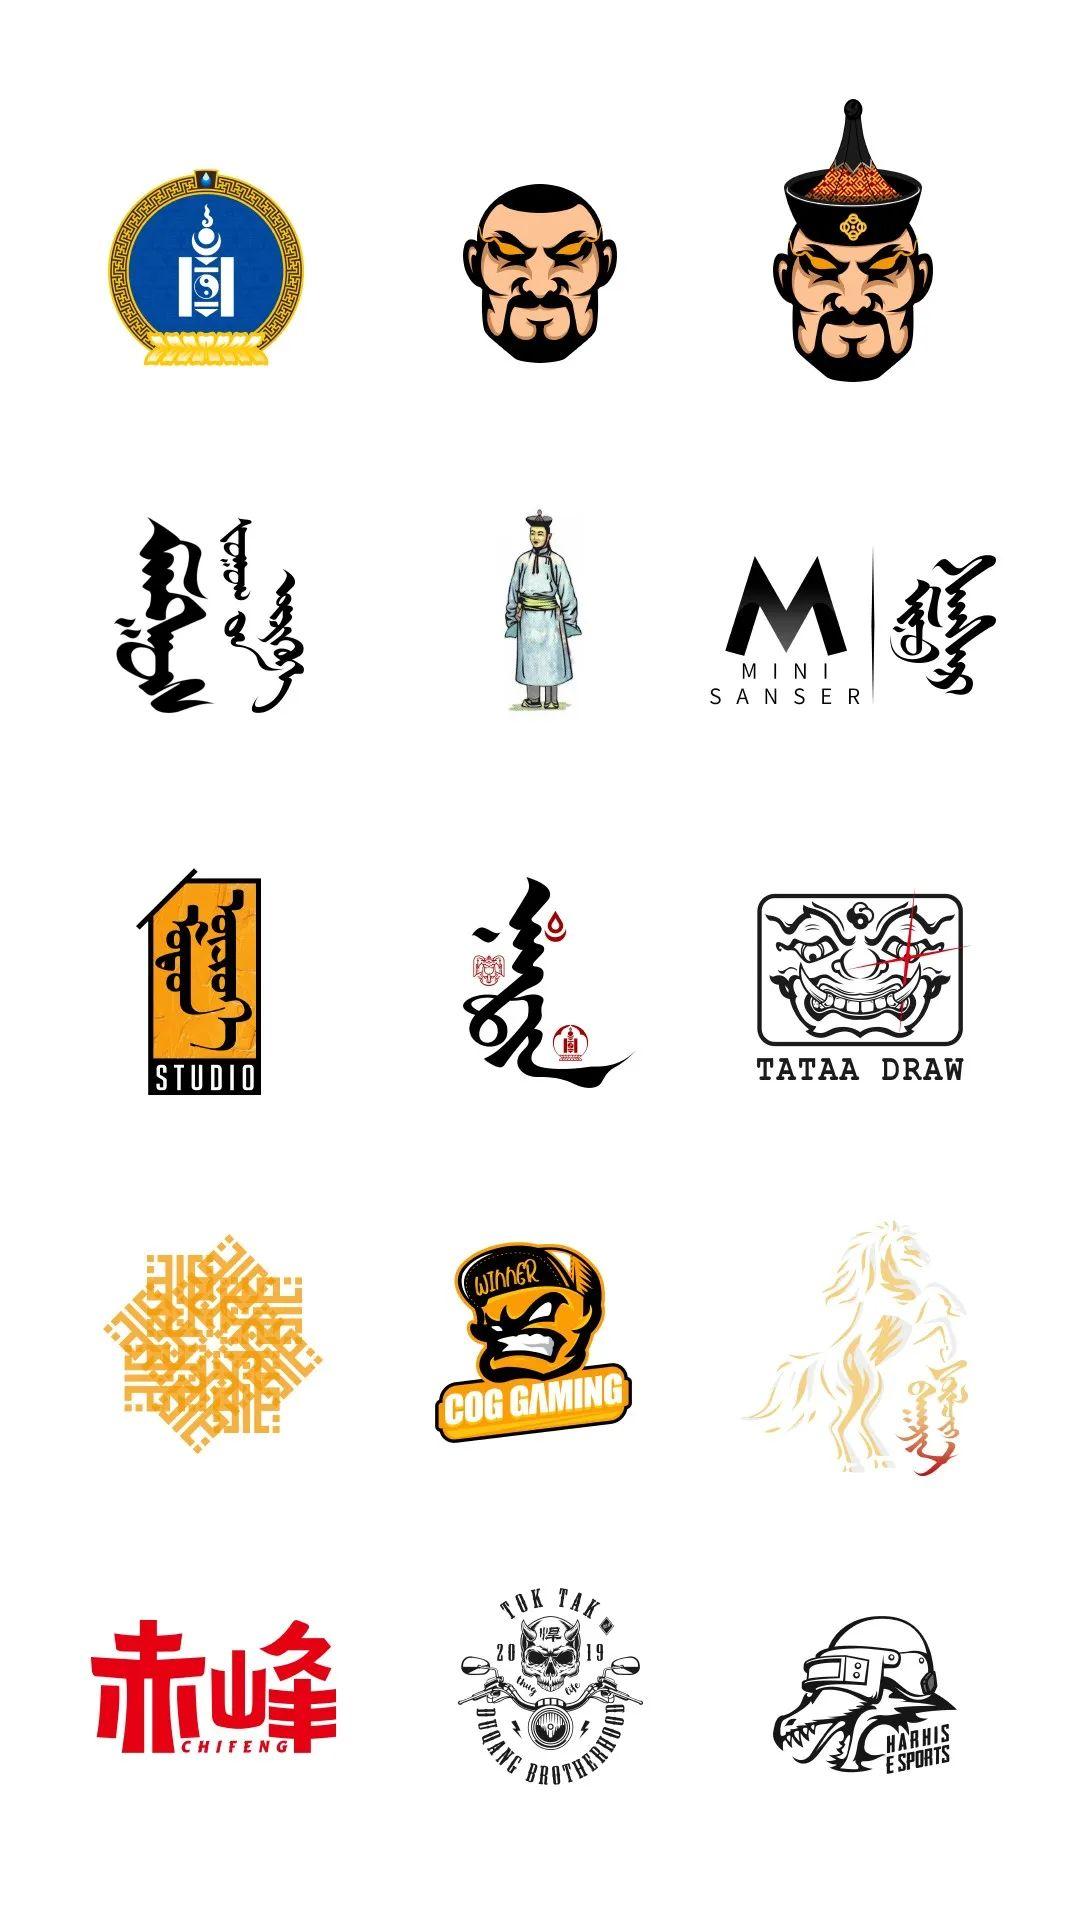 超赞的蒙元素设计-看完马上收藏 #Hotoch-Design#设计案例 第4张 超赞的蒙元素设计-看完马上收藏 #Hotoch-Design#设计案例 蒙古设计